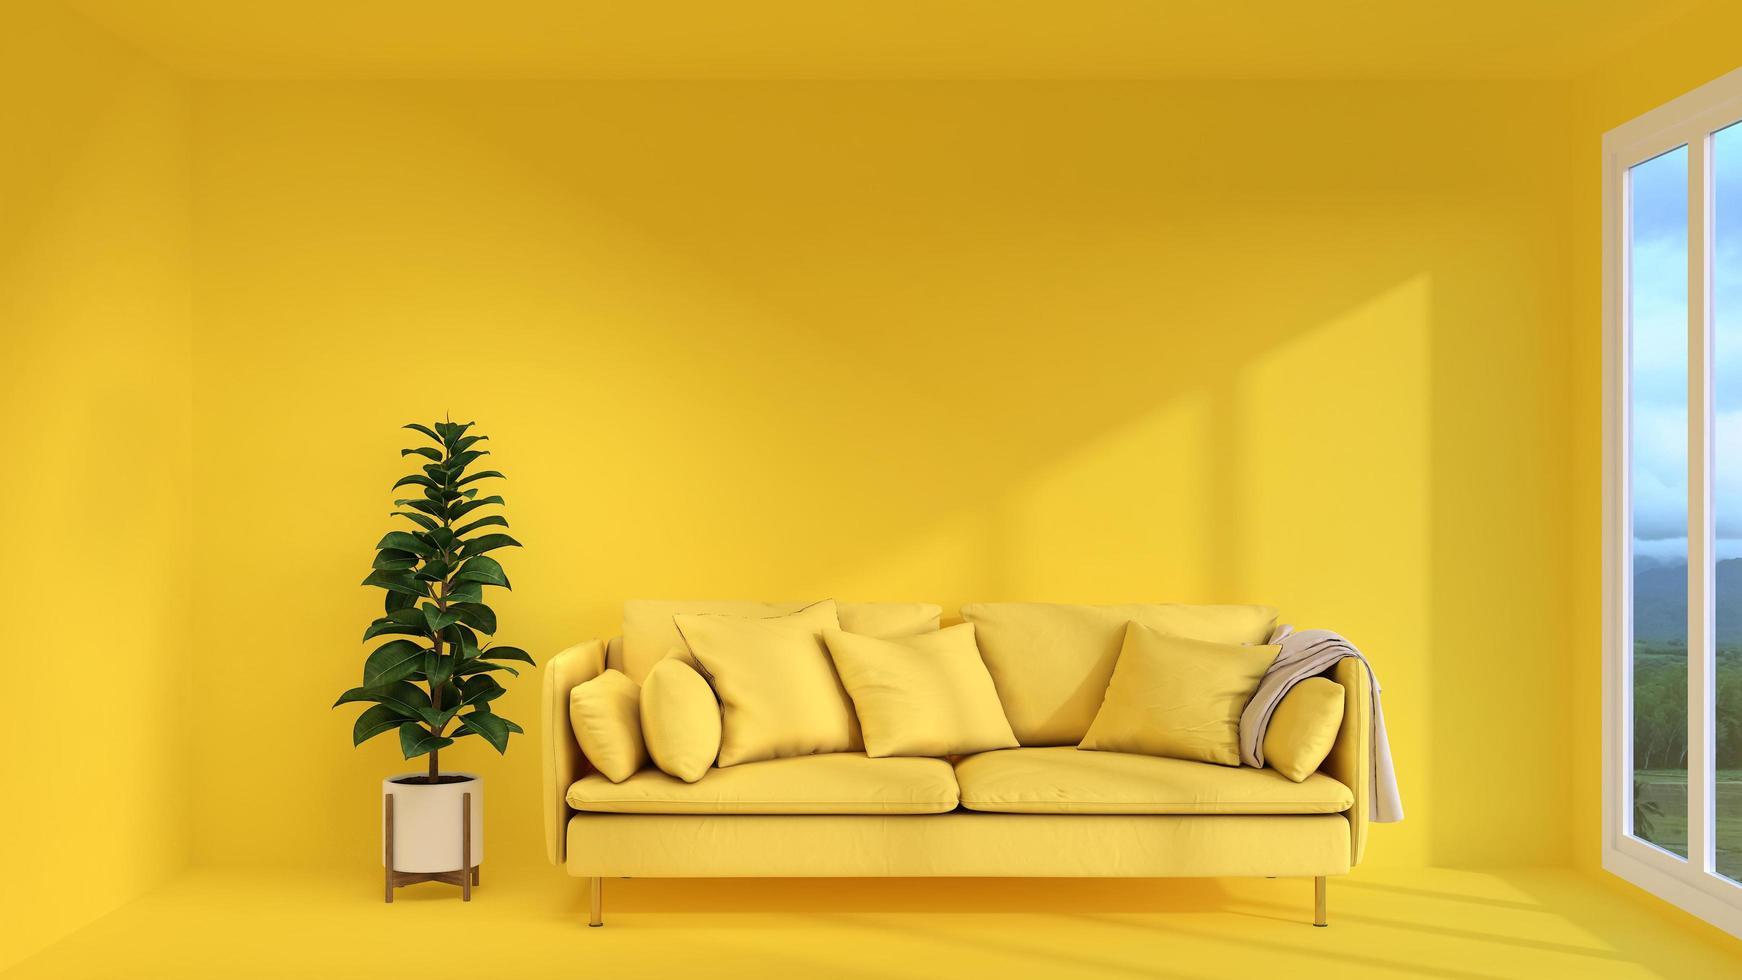 sala amarilla con diseño moderno foto